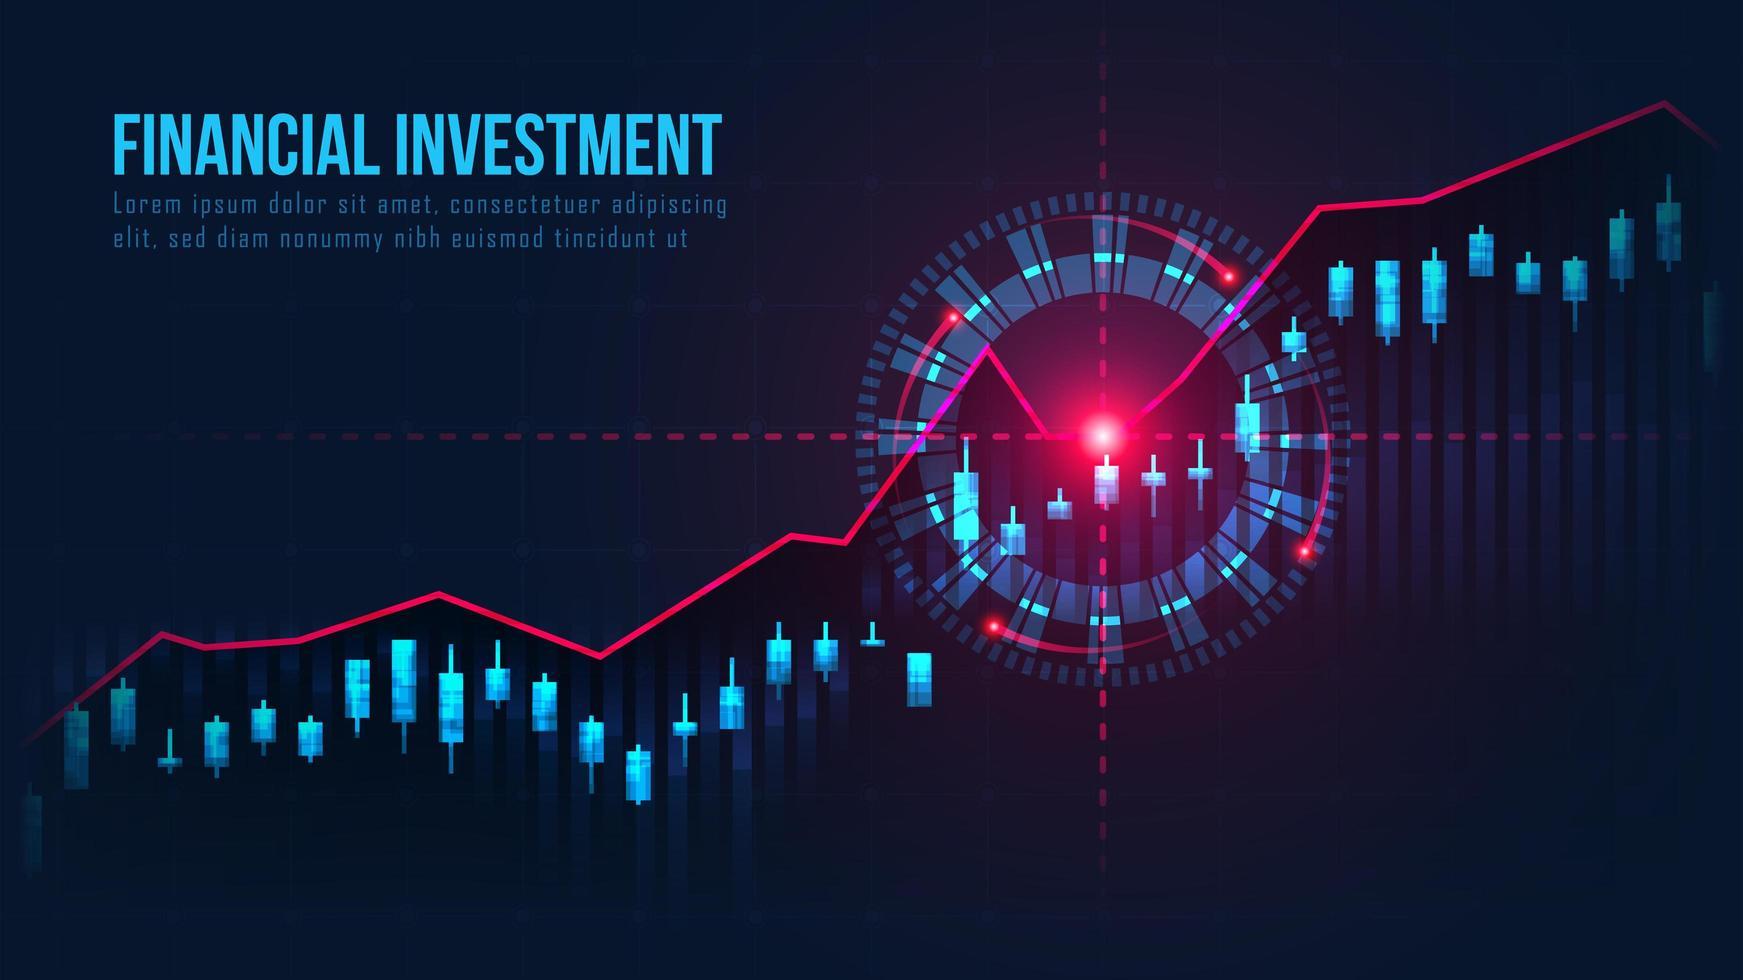 leuchtender Handelsgraph mit Kaufzielsignal vektor